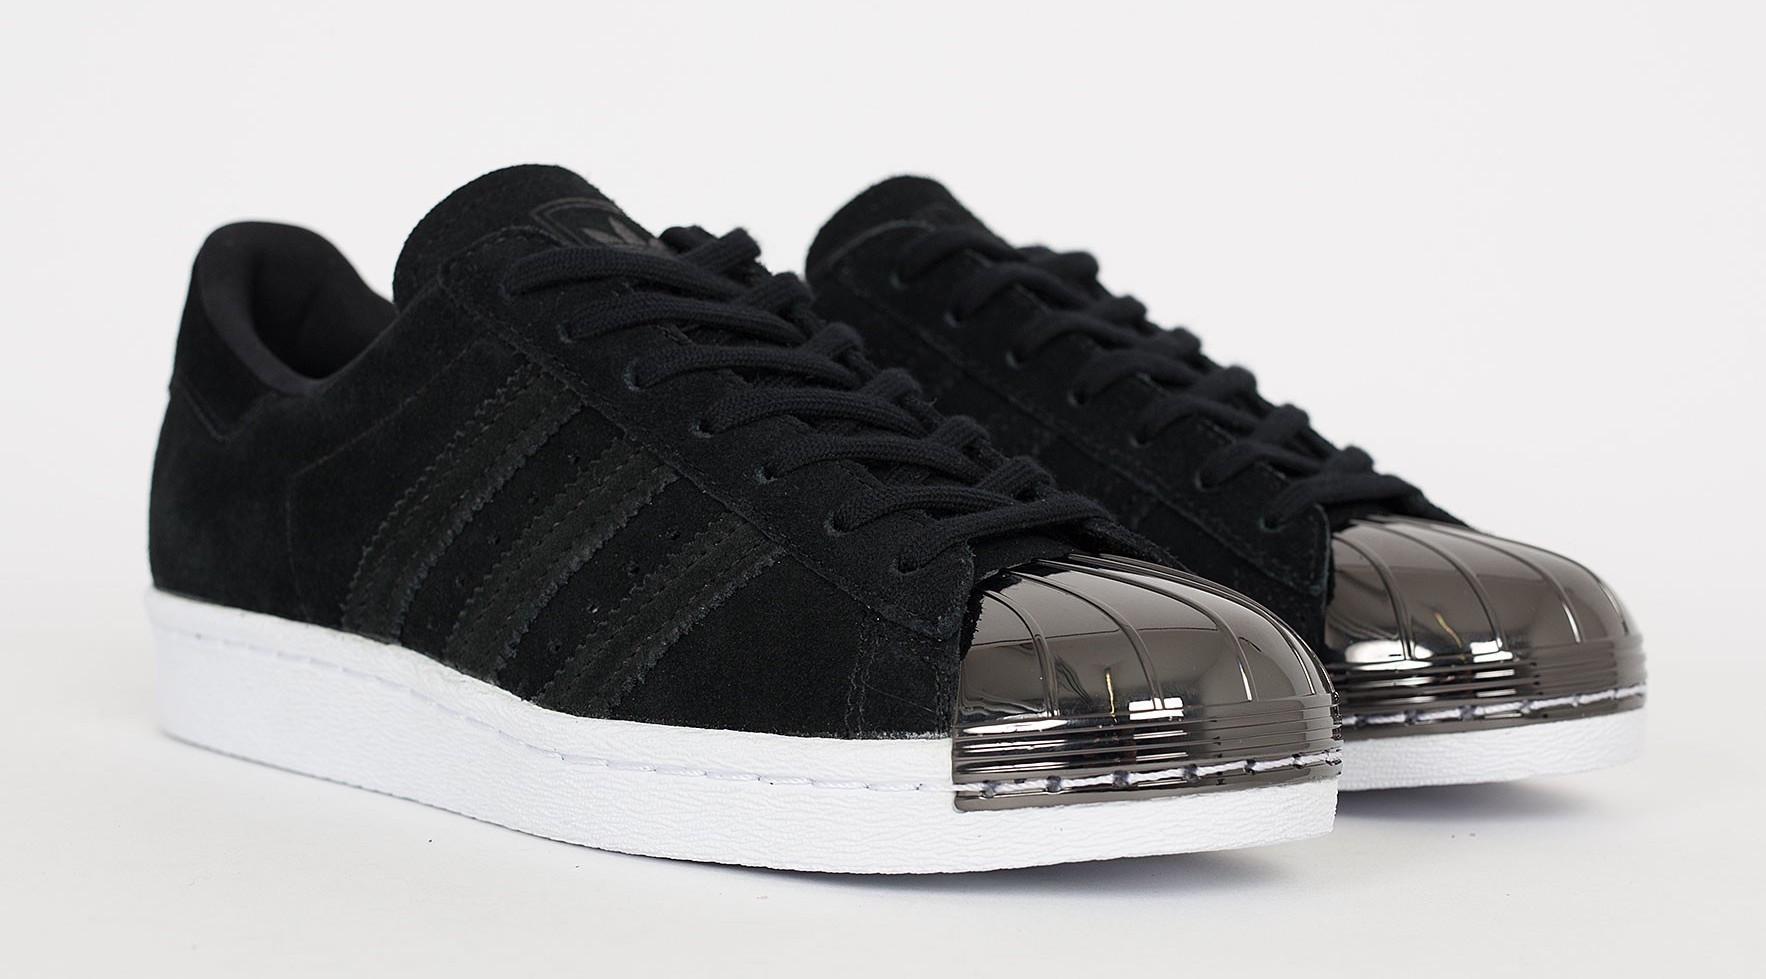 39d9b486d4a adidas superstar metallic noir